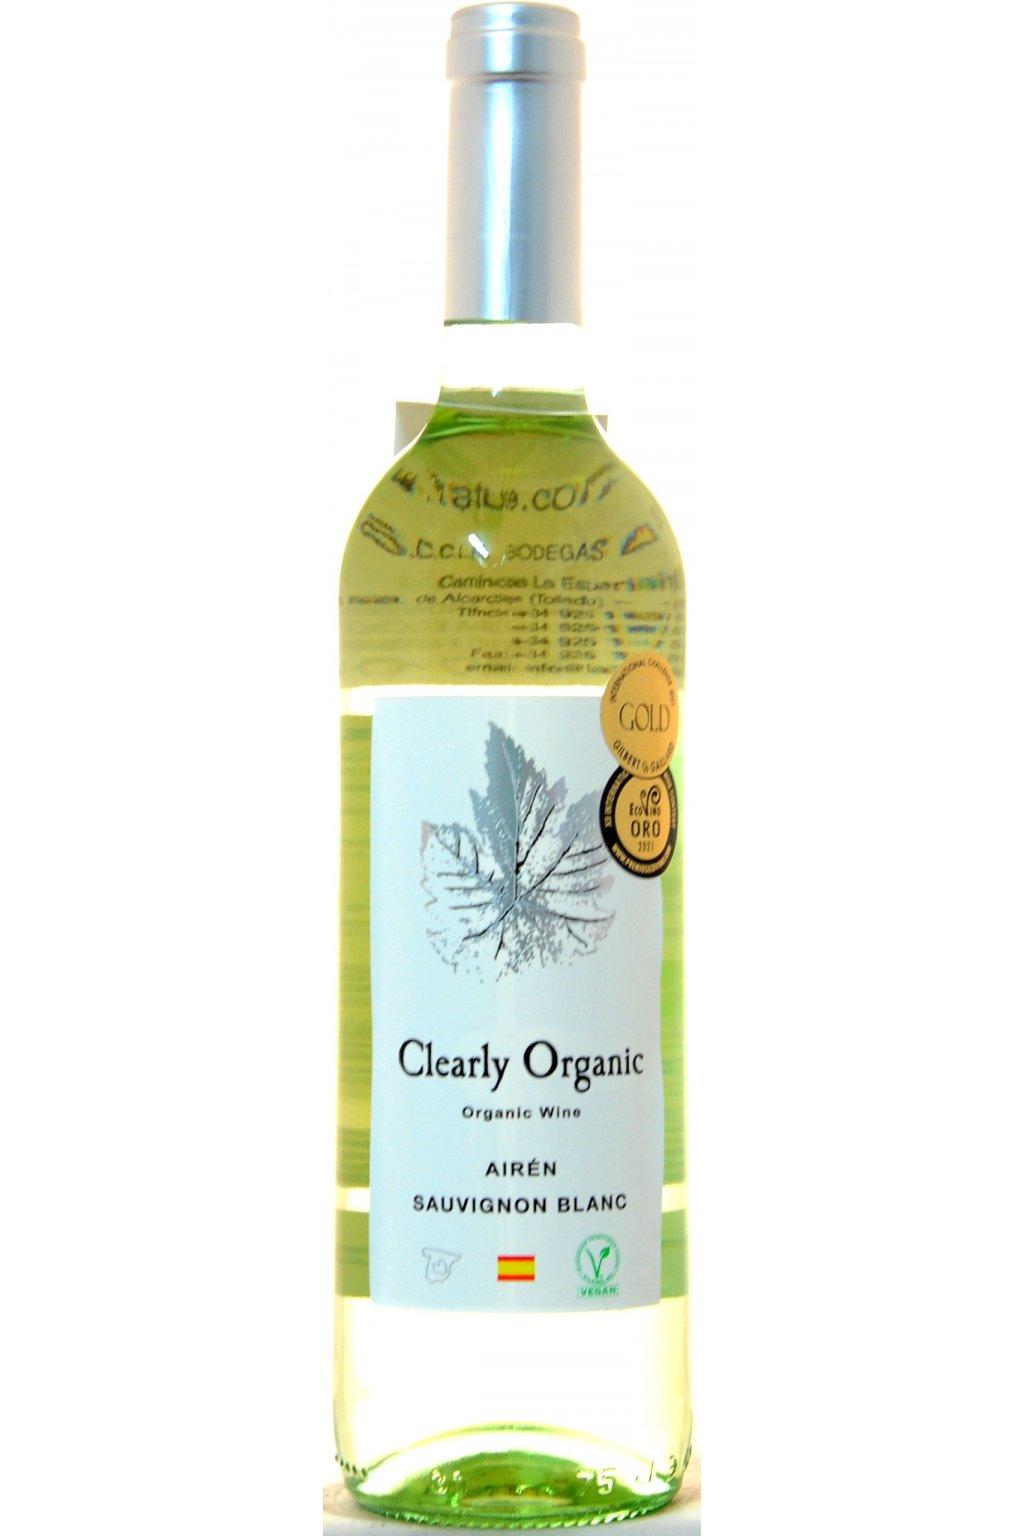 Clearly Organic Airen Sauvignon Blanc 2020 F